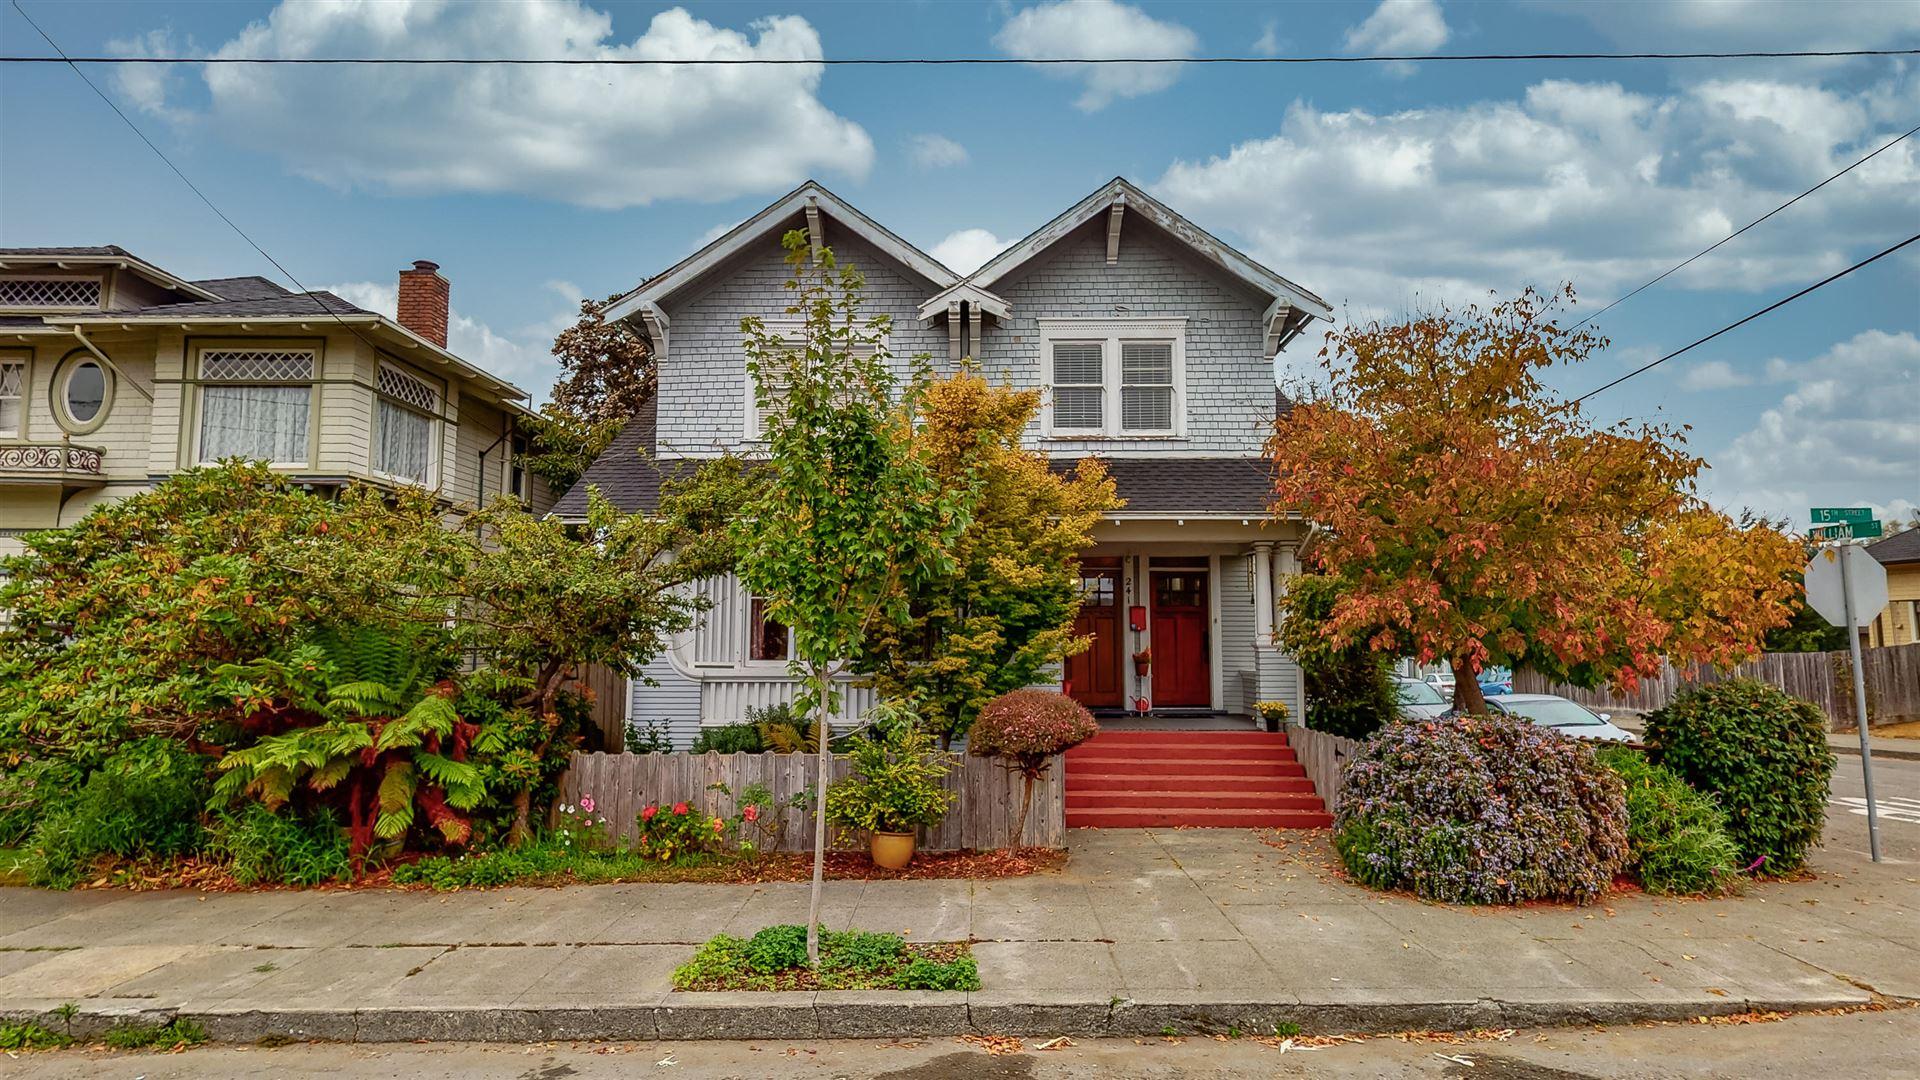 241 15th Street, Eureka, CA 95501 - MLS#: 257398